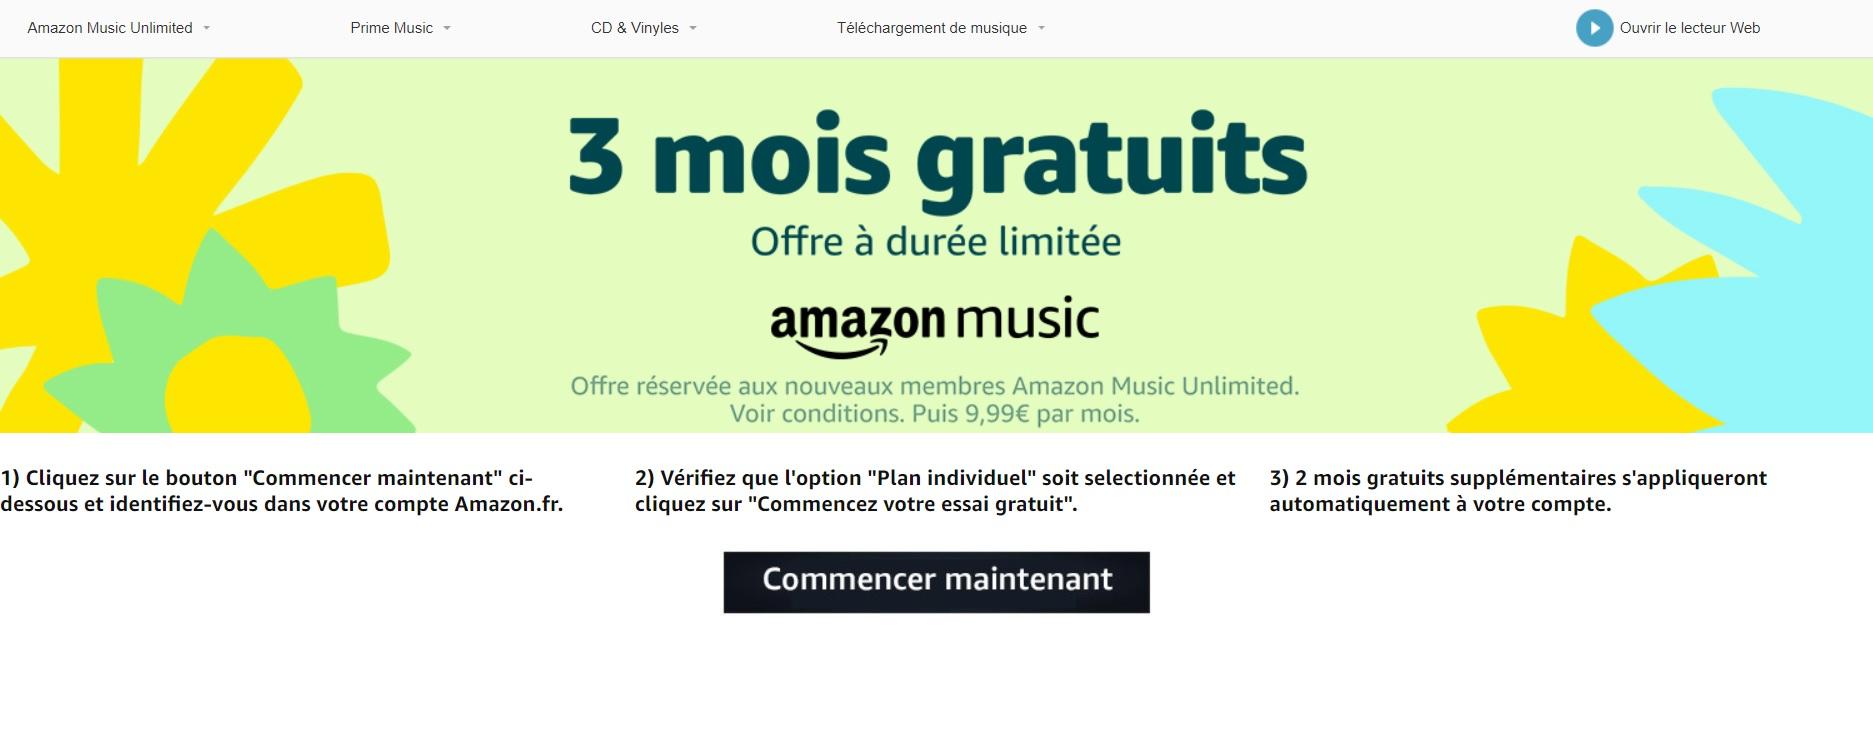 aba4a9e21b7af ... Amazon Music Unlimited, le service de streaming musical d'Amazon,  pendant 3 mois grâce à une offre promotionnelle réservée au nouveaux  clients.